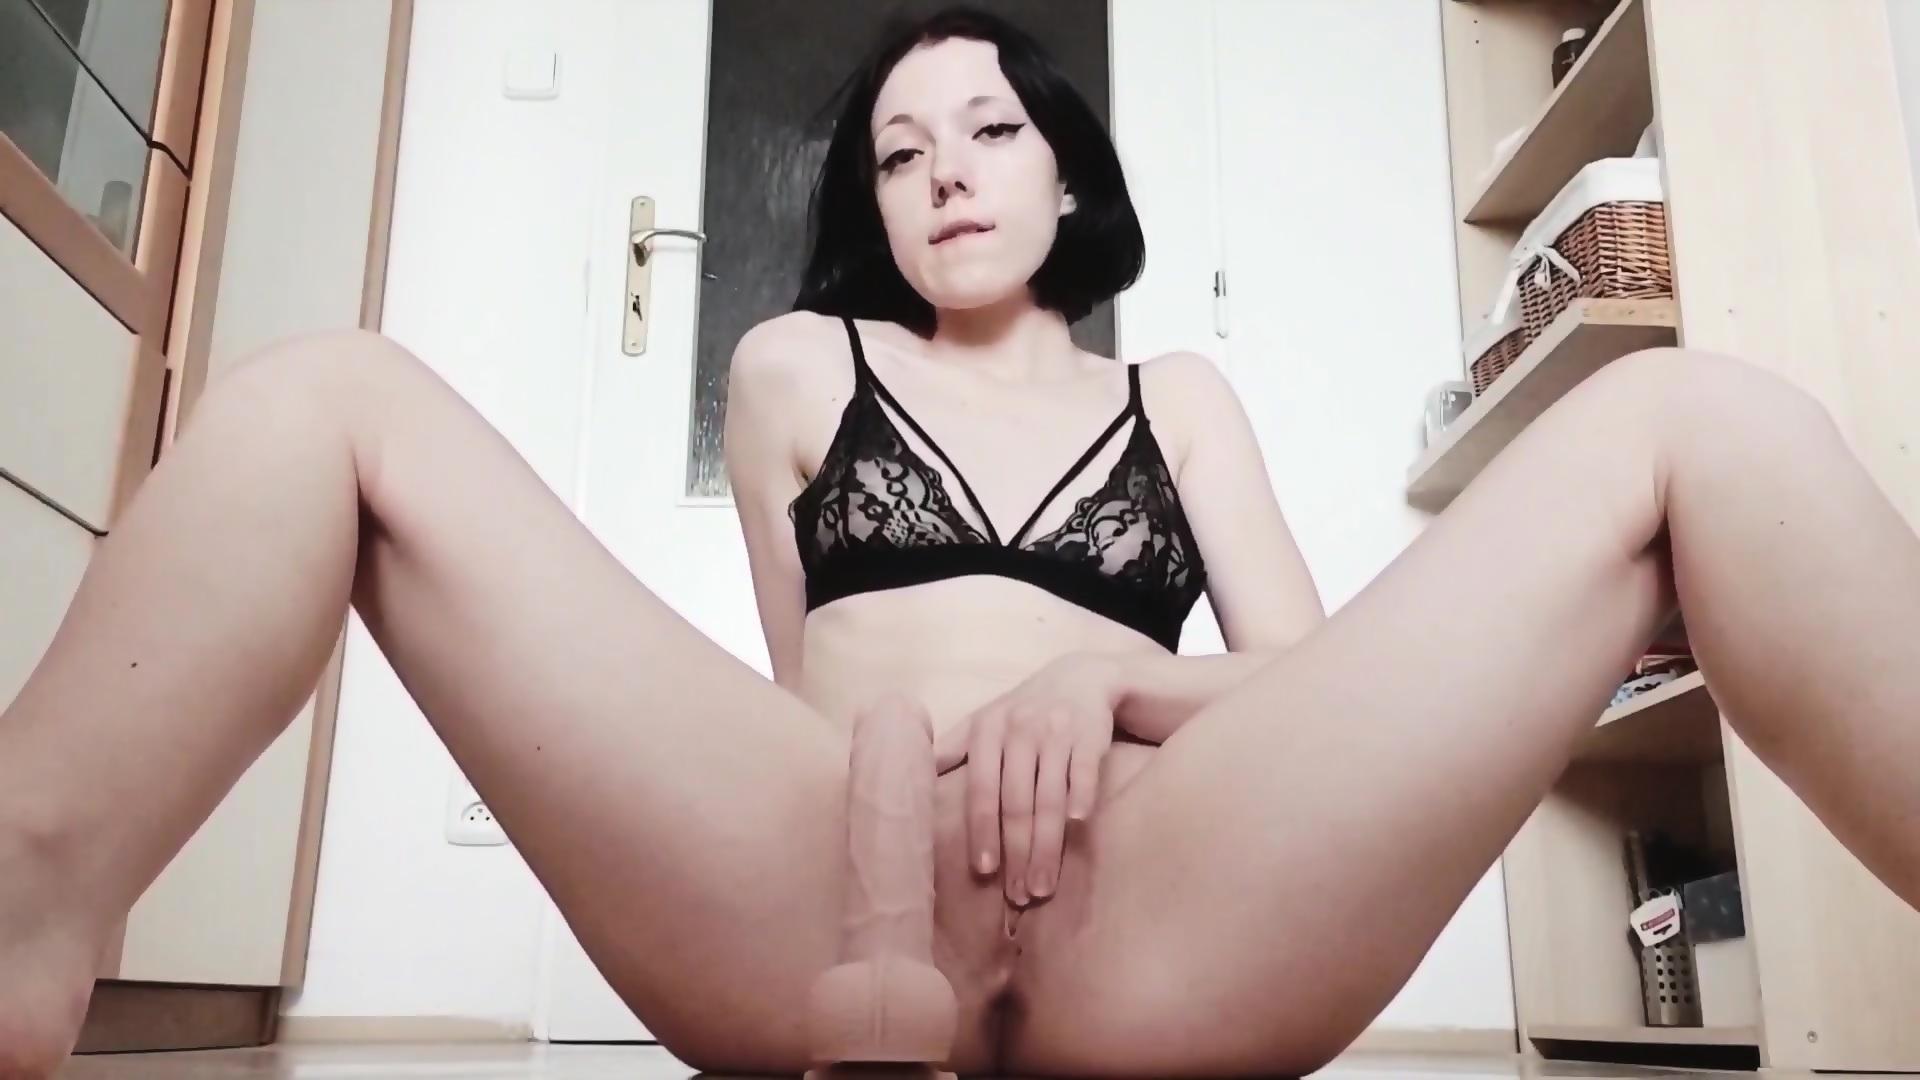 Hot Slip